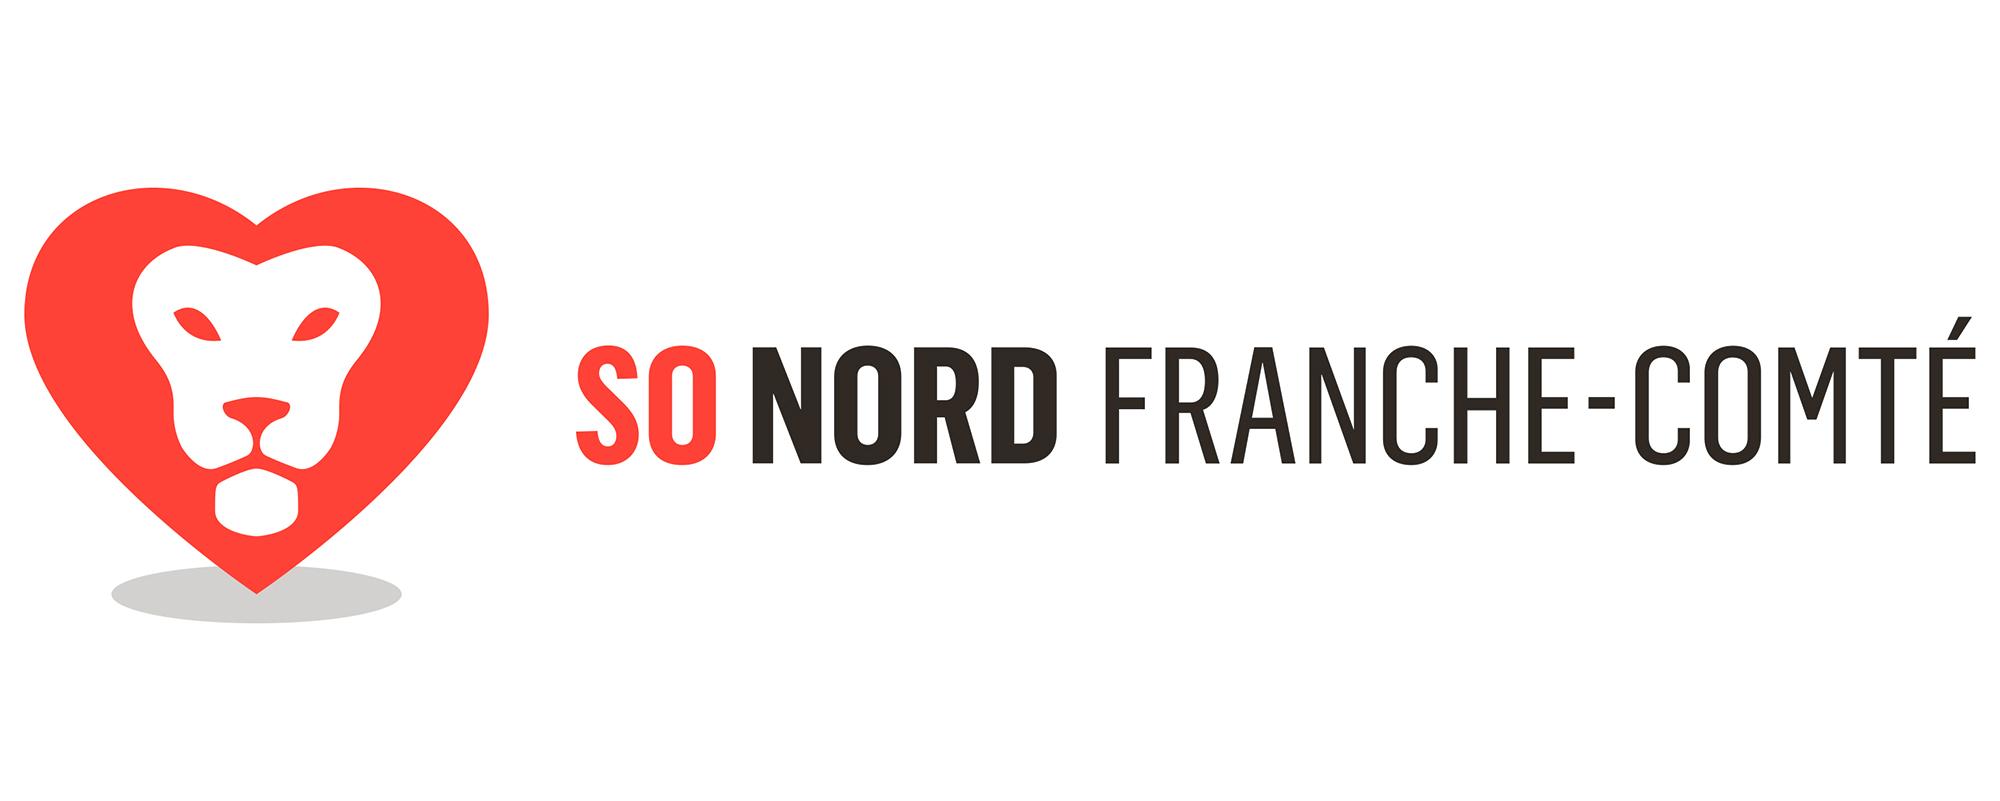 SO Nord Franche-Comté simple variante